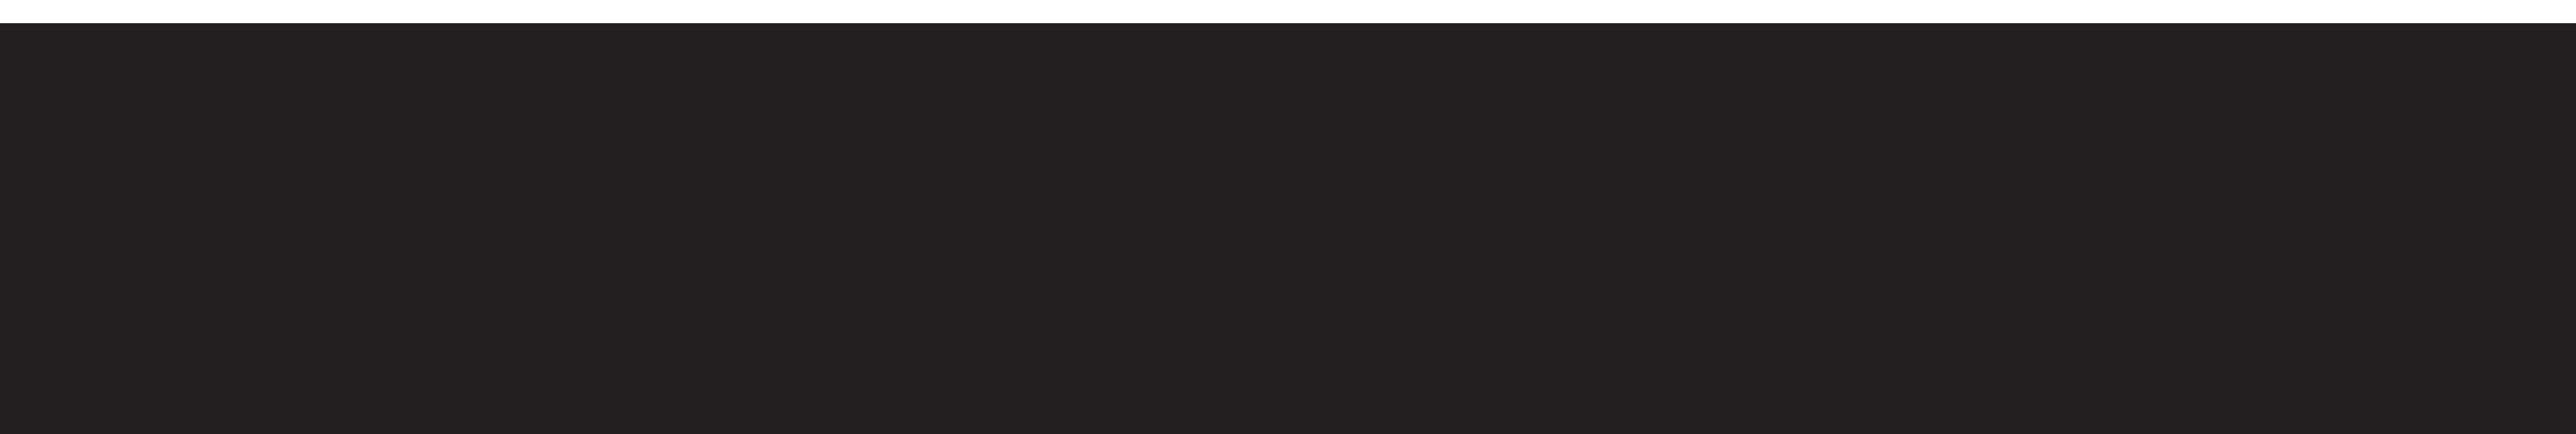 Png clip art best. Clipart grass silhouette